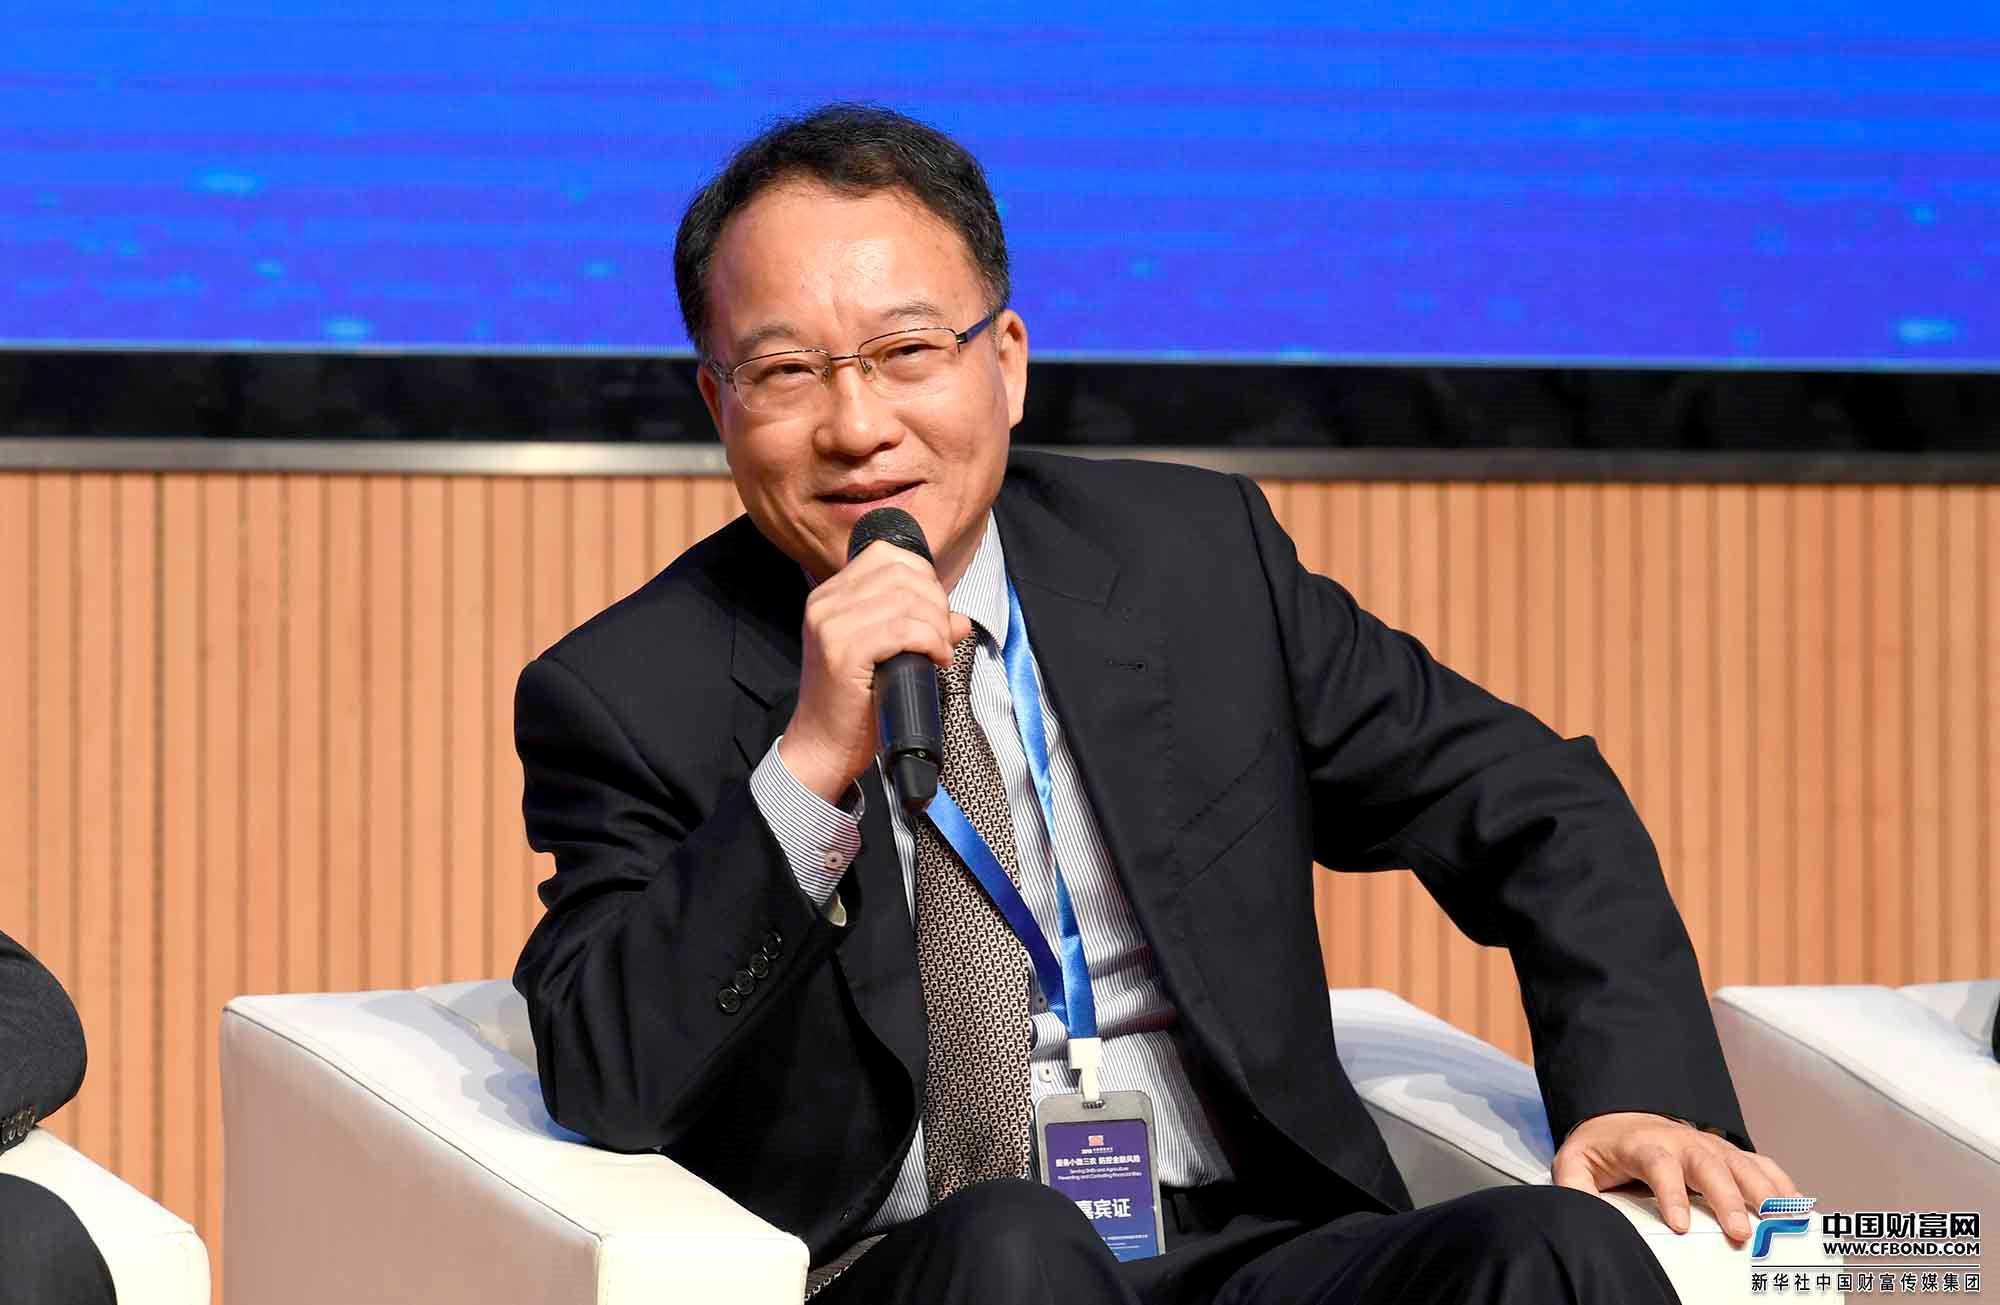 对话嘉宾:深圳市中小企业信用融资担保集团有限公司董事长胡泽恩